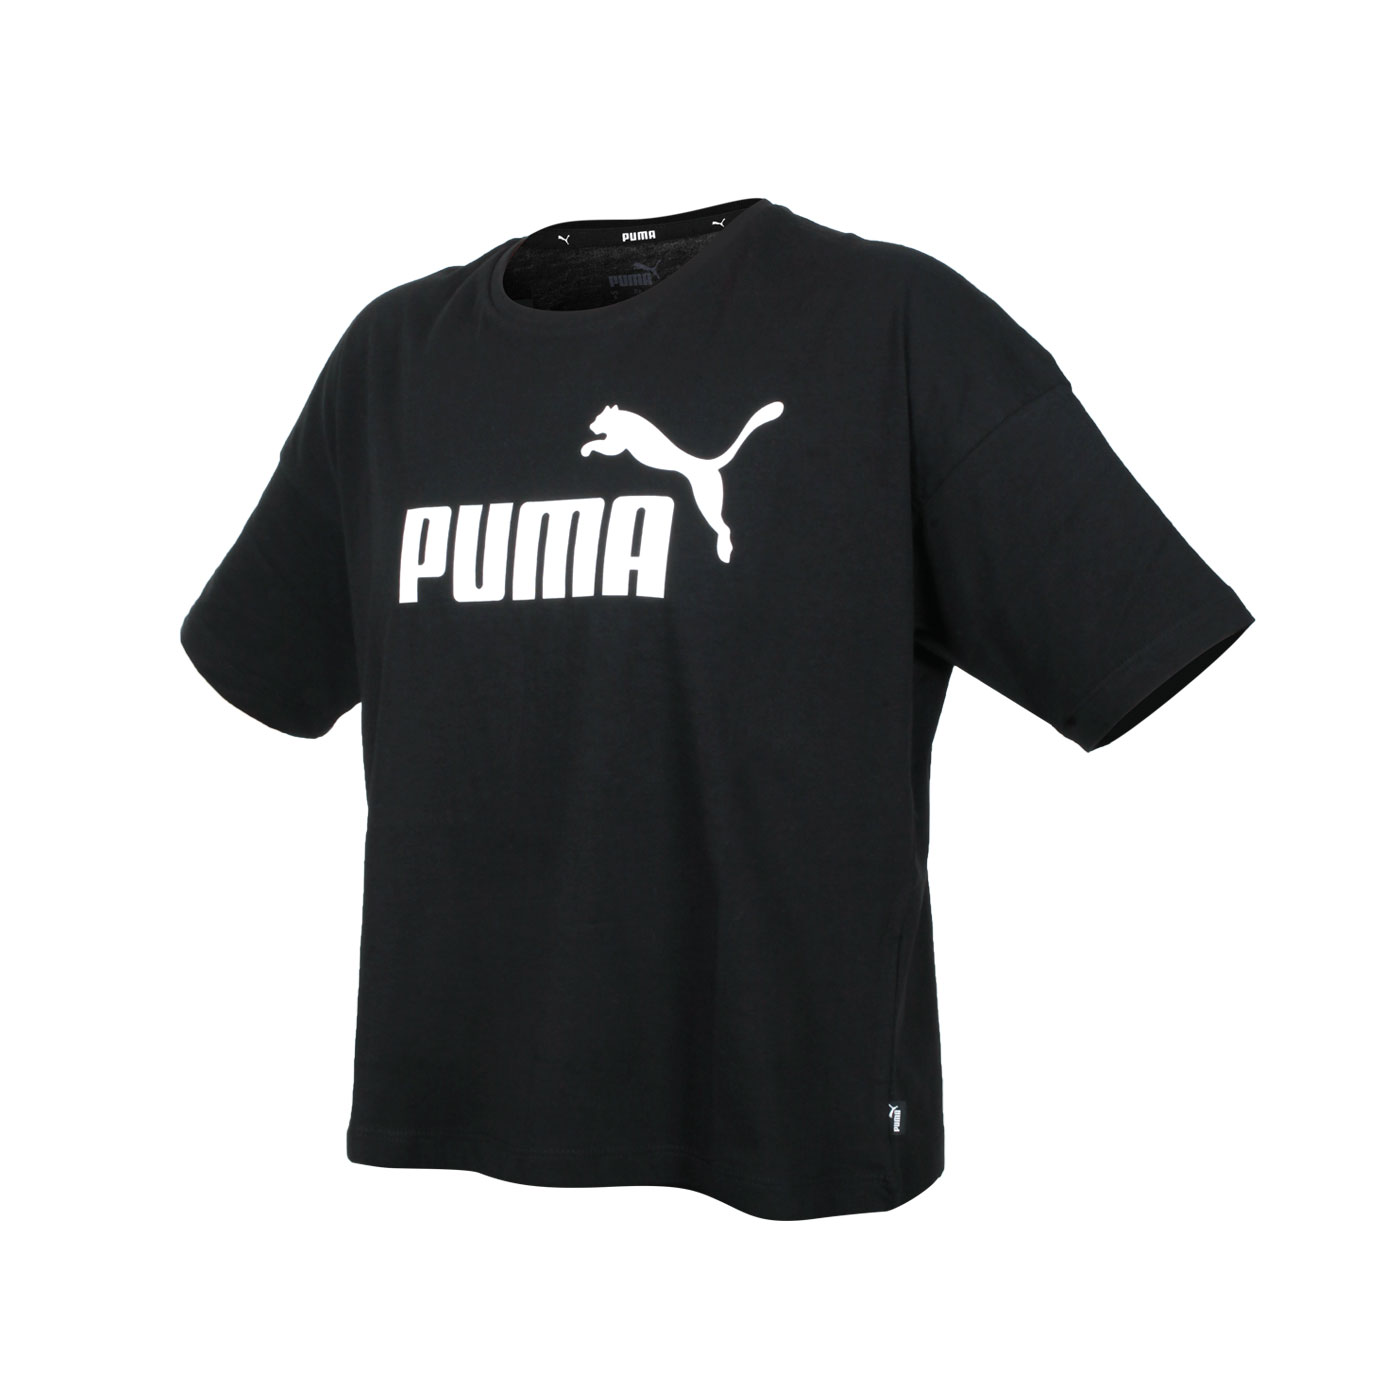 PUMA 女款短版短袖T恤 58686601 - 黑白